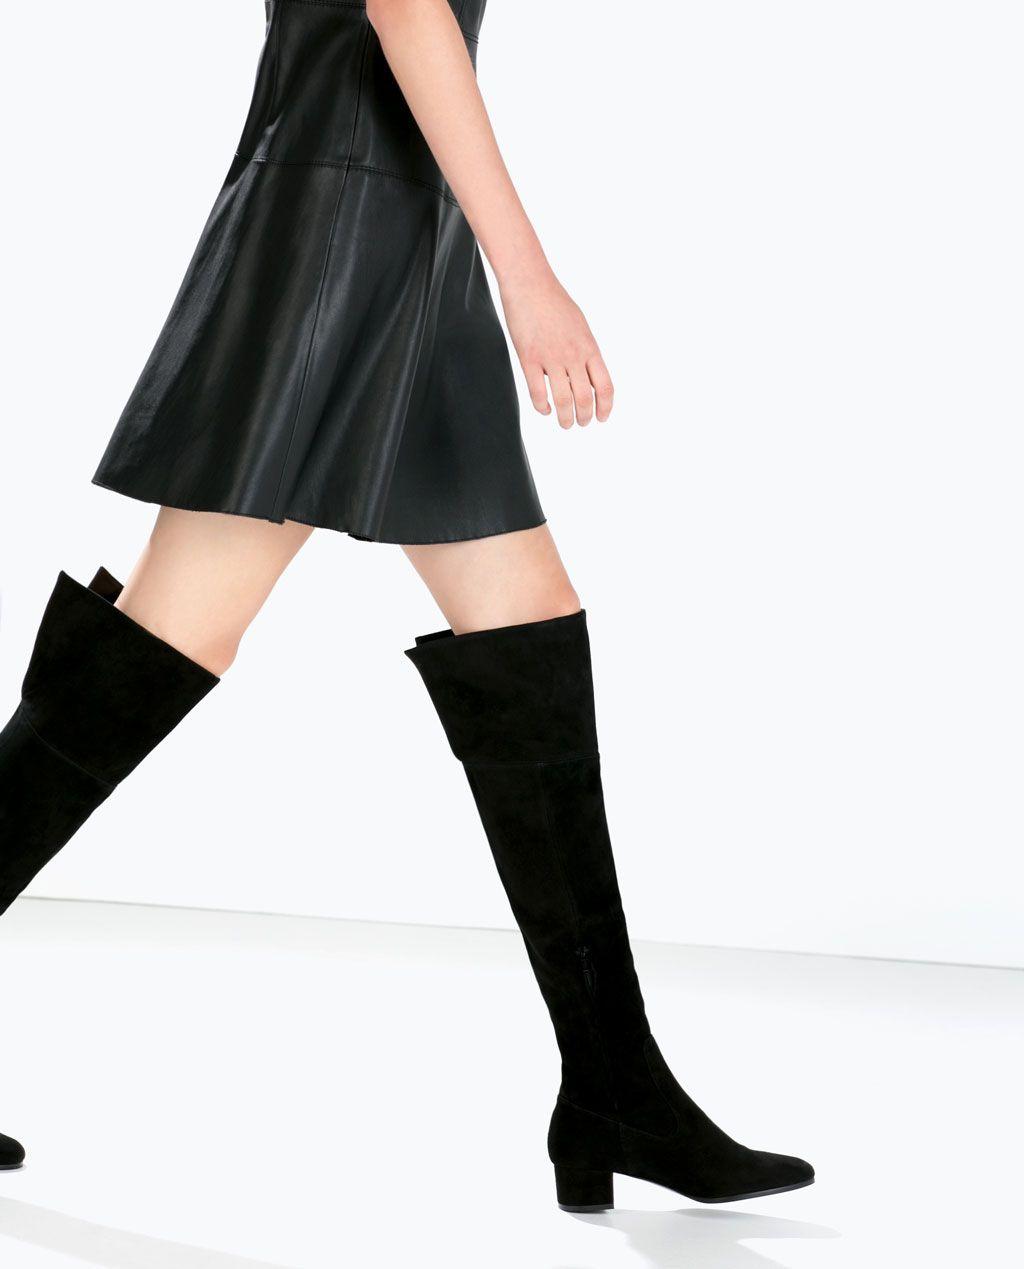 fccf78d3 ZARA - 359 | Style | Pinterest | Botas, Zara e Sapatos